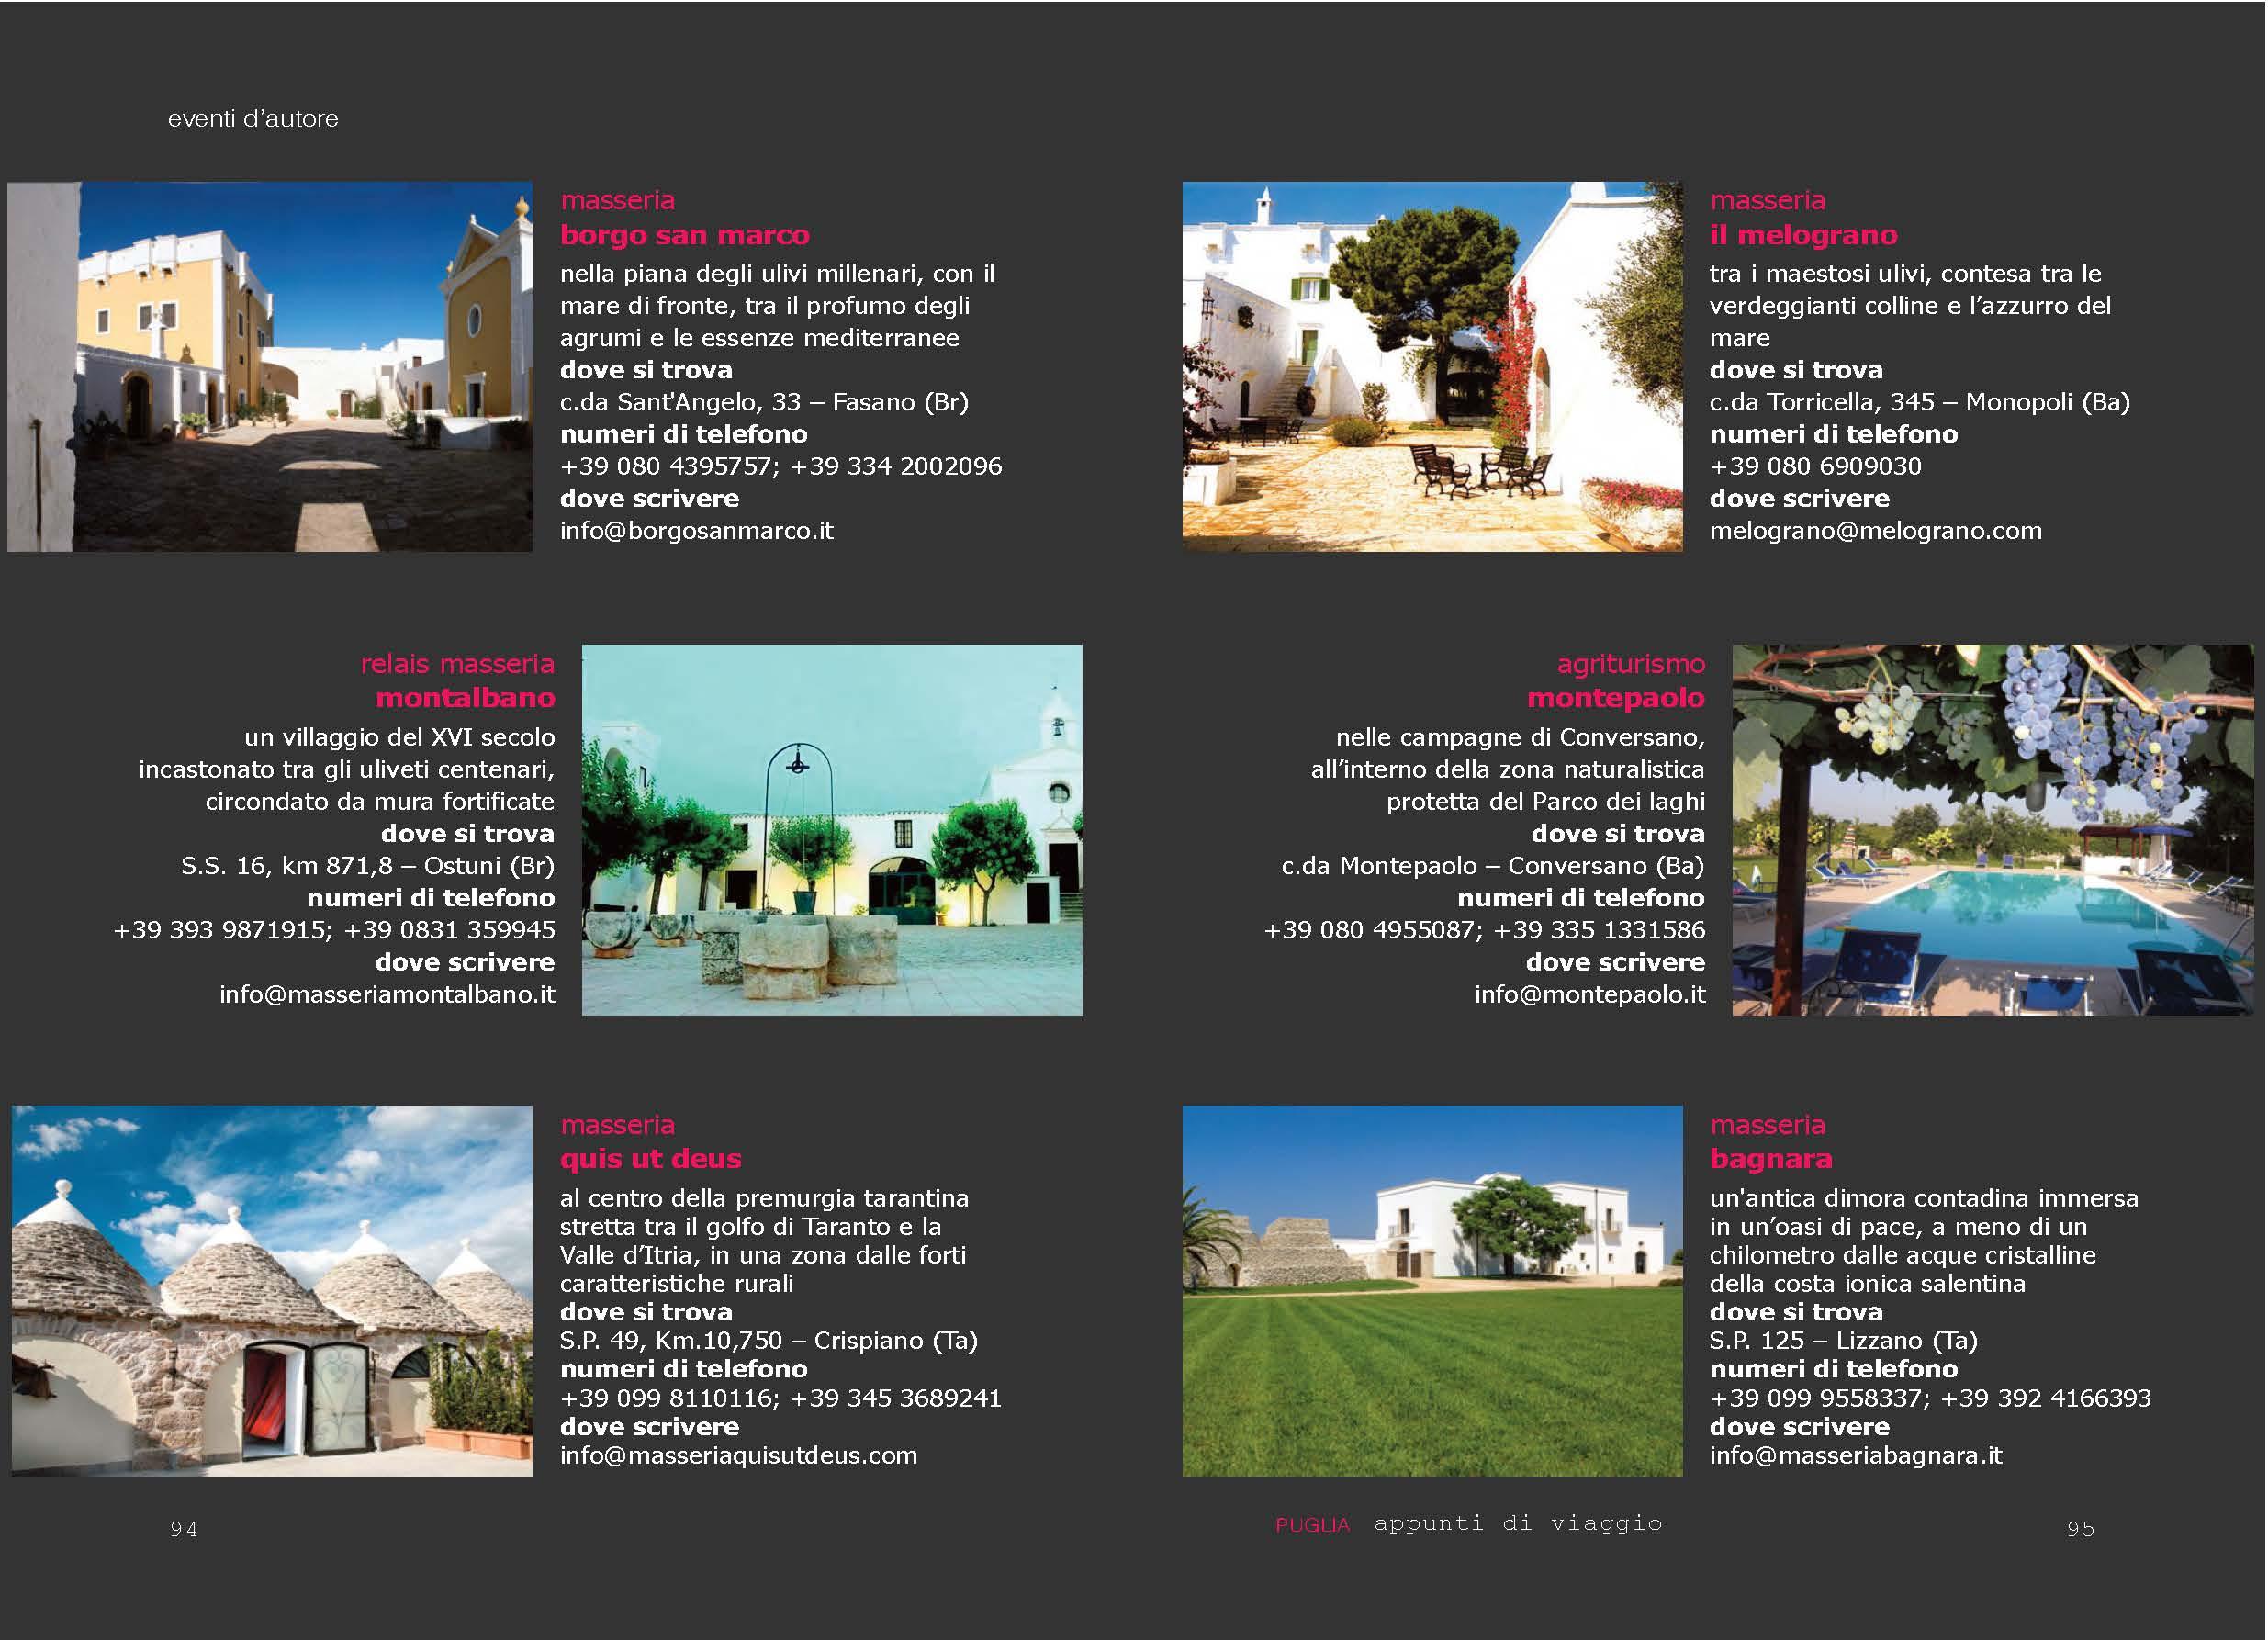 puglia_appunti_di_viaggio_Pagina_95.jpg